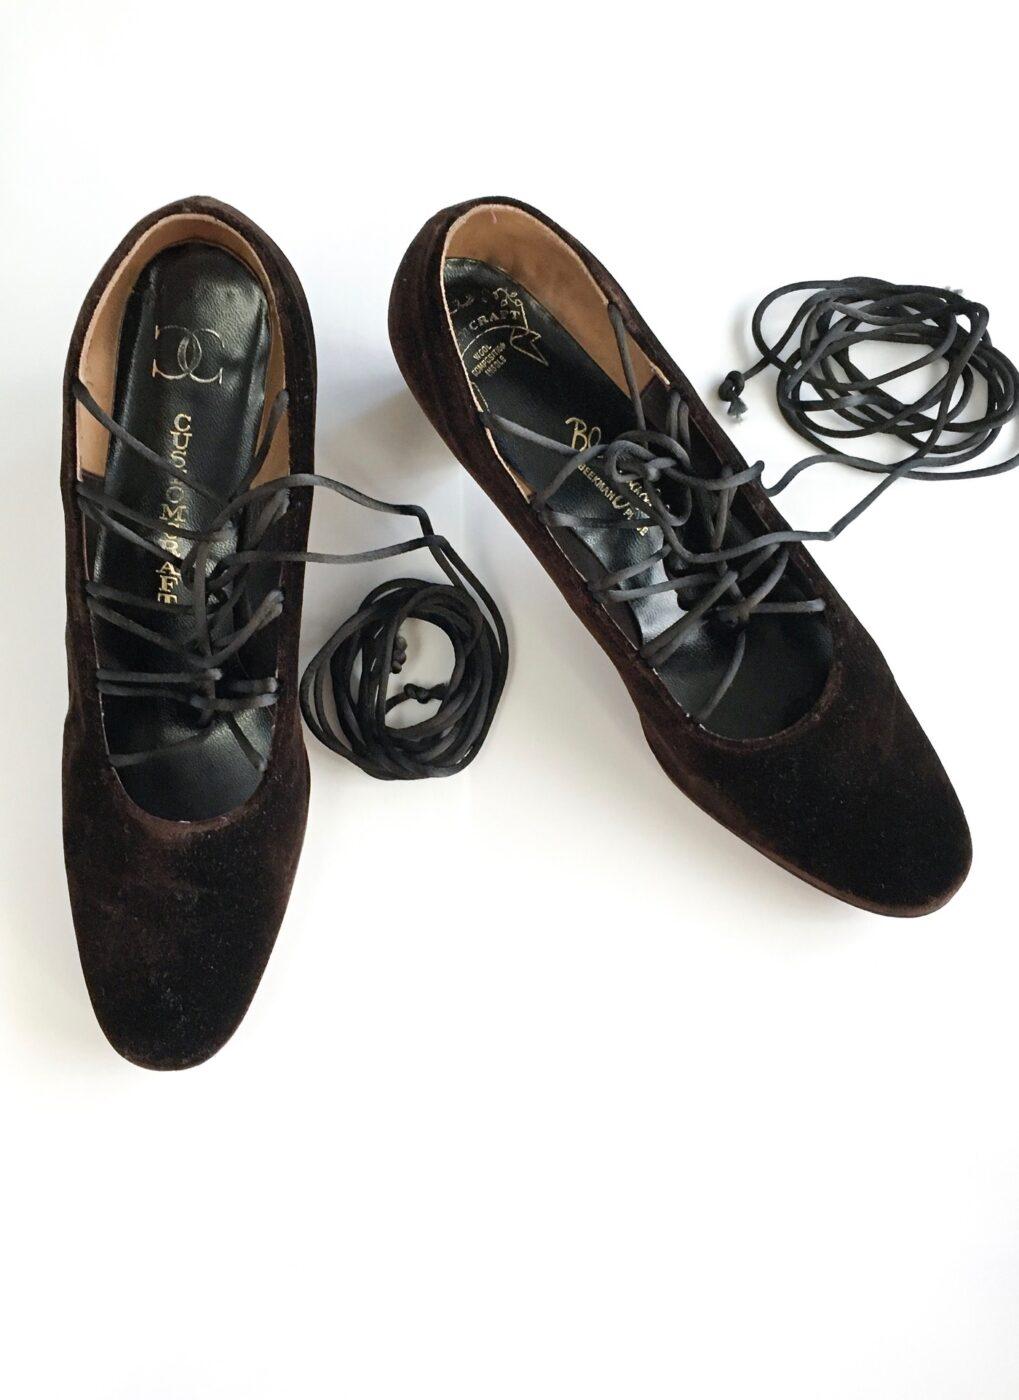 1960s-Bloomingdales-Customcraft-brown-velvet-lace-up-heels-shoes